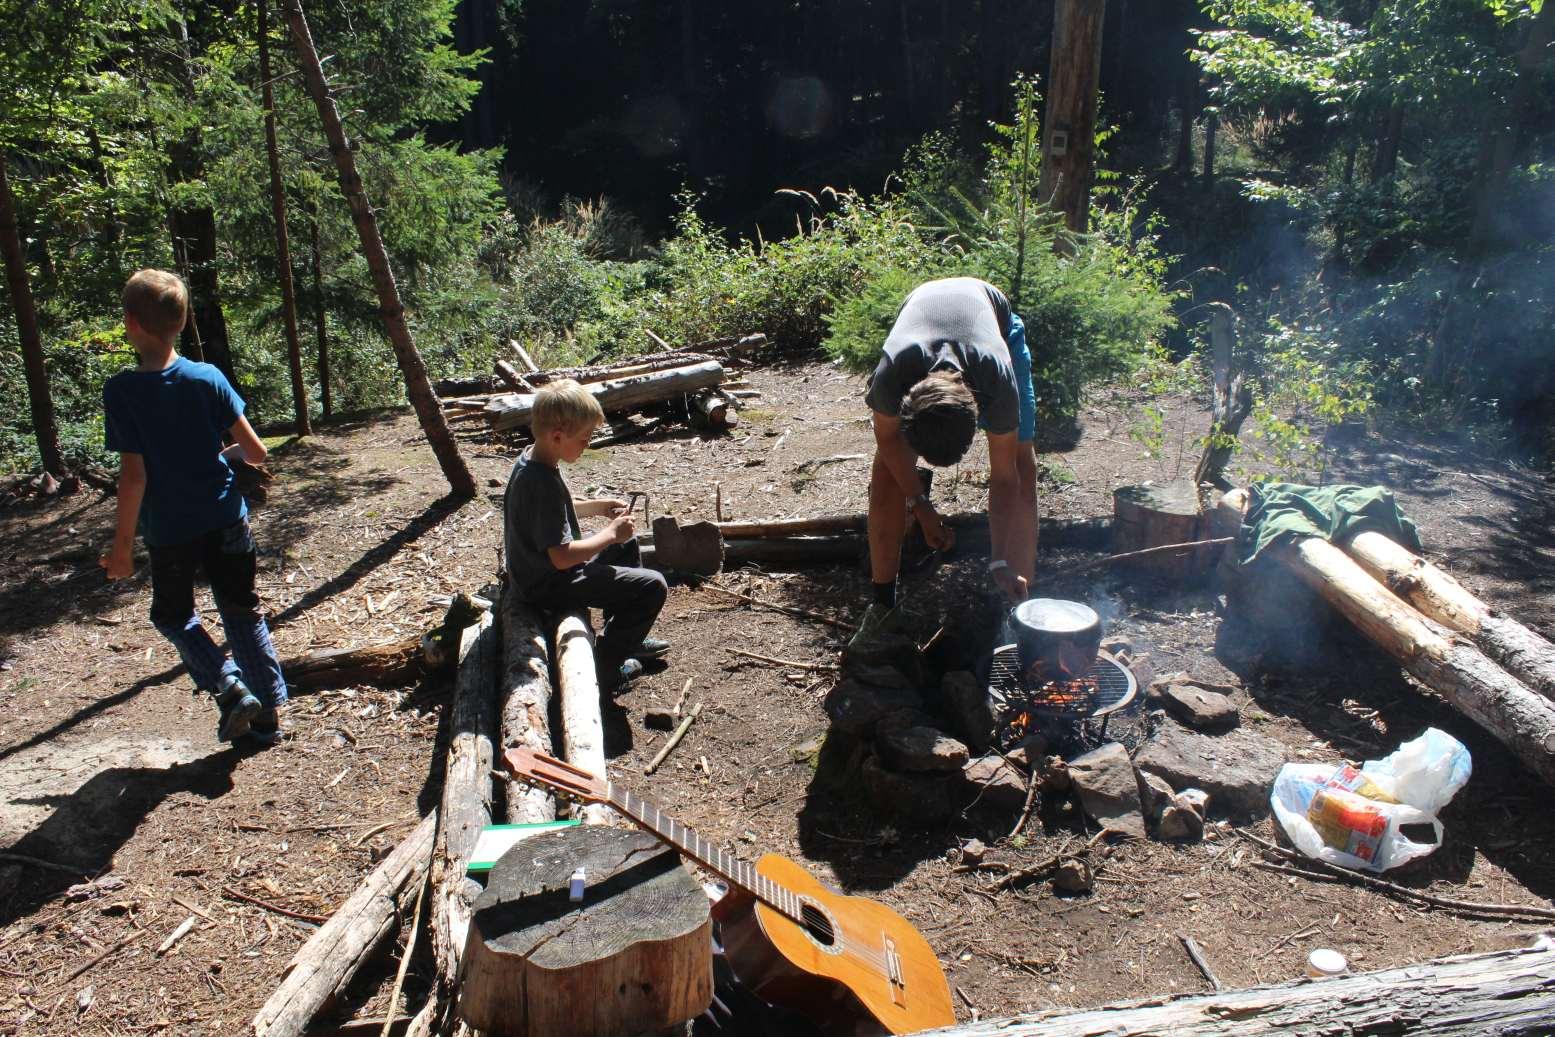 Pohodicka na taboristi pri vareni